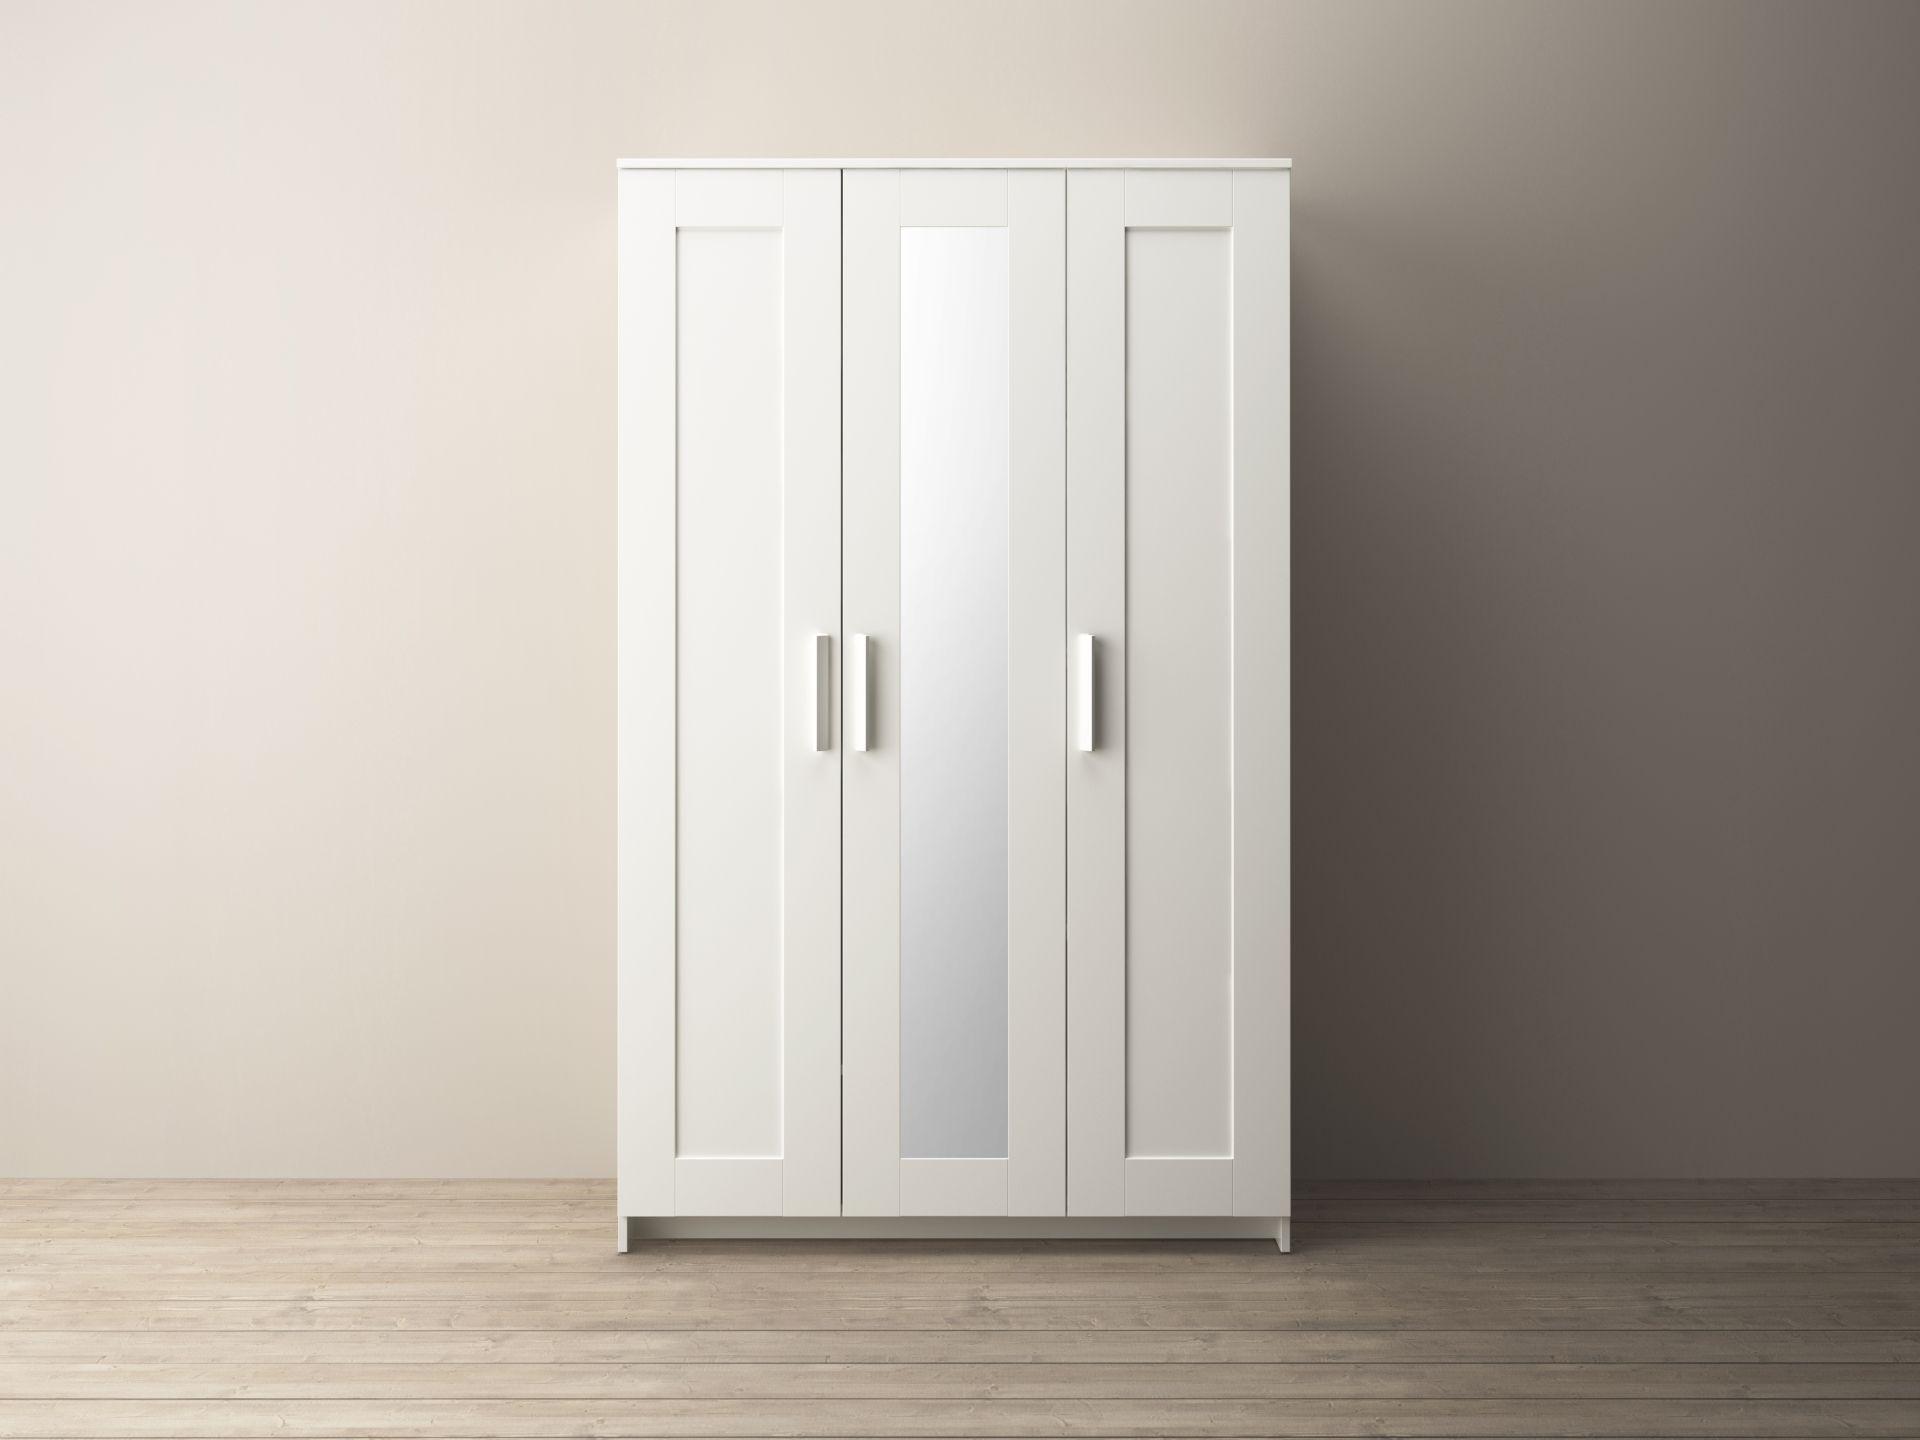 Barok Spiegel Wit : Knapper spiegel ikea. knapper staande spiegel wit 48 x 160 cm ikea